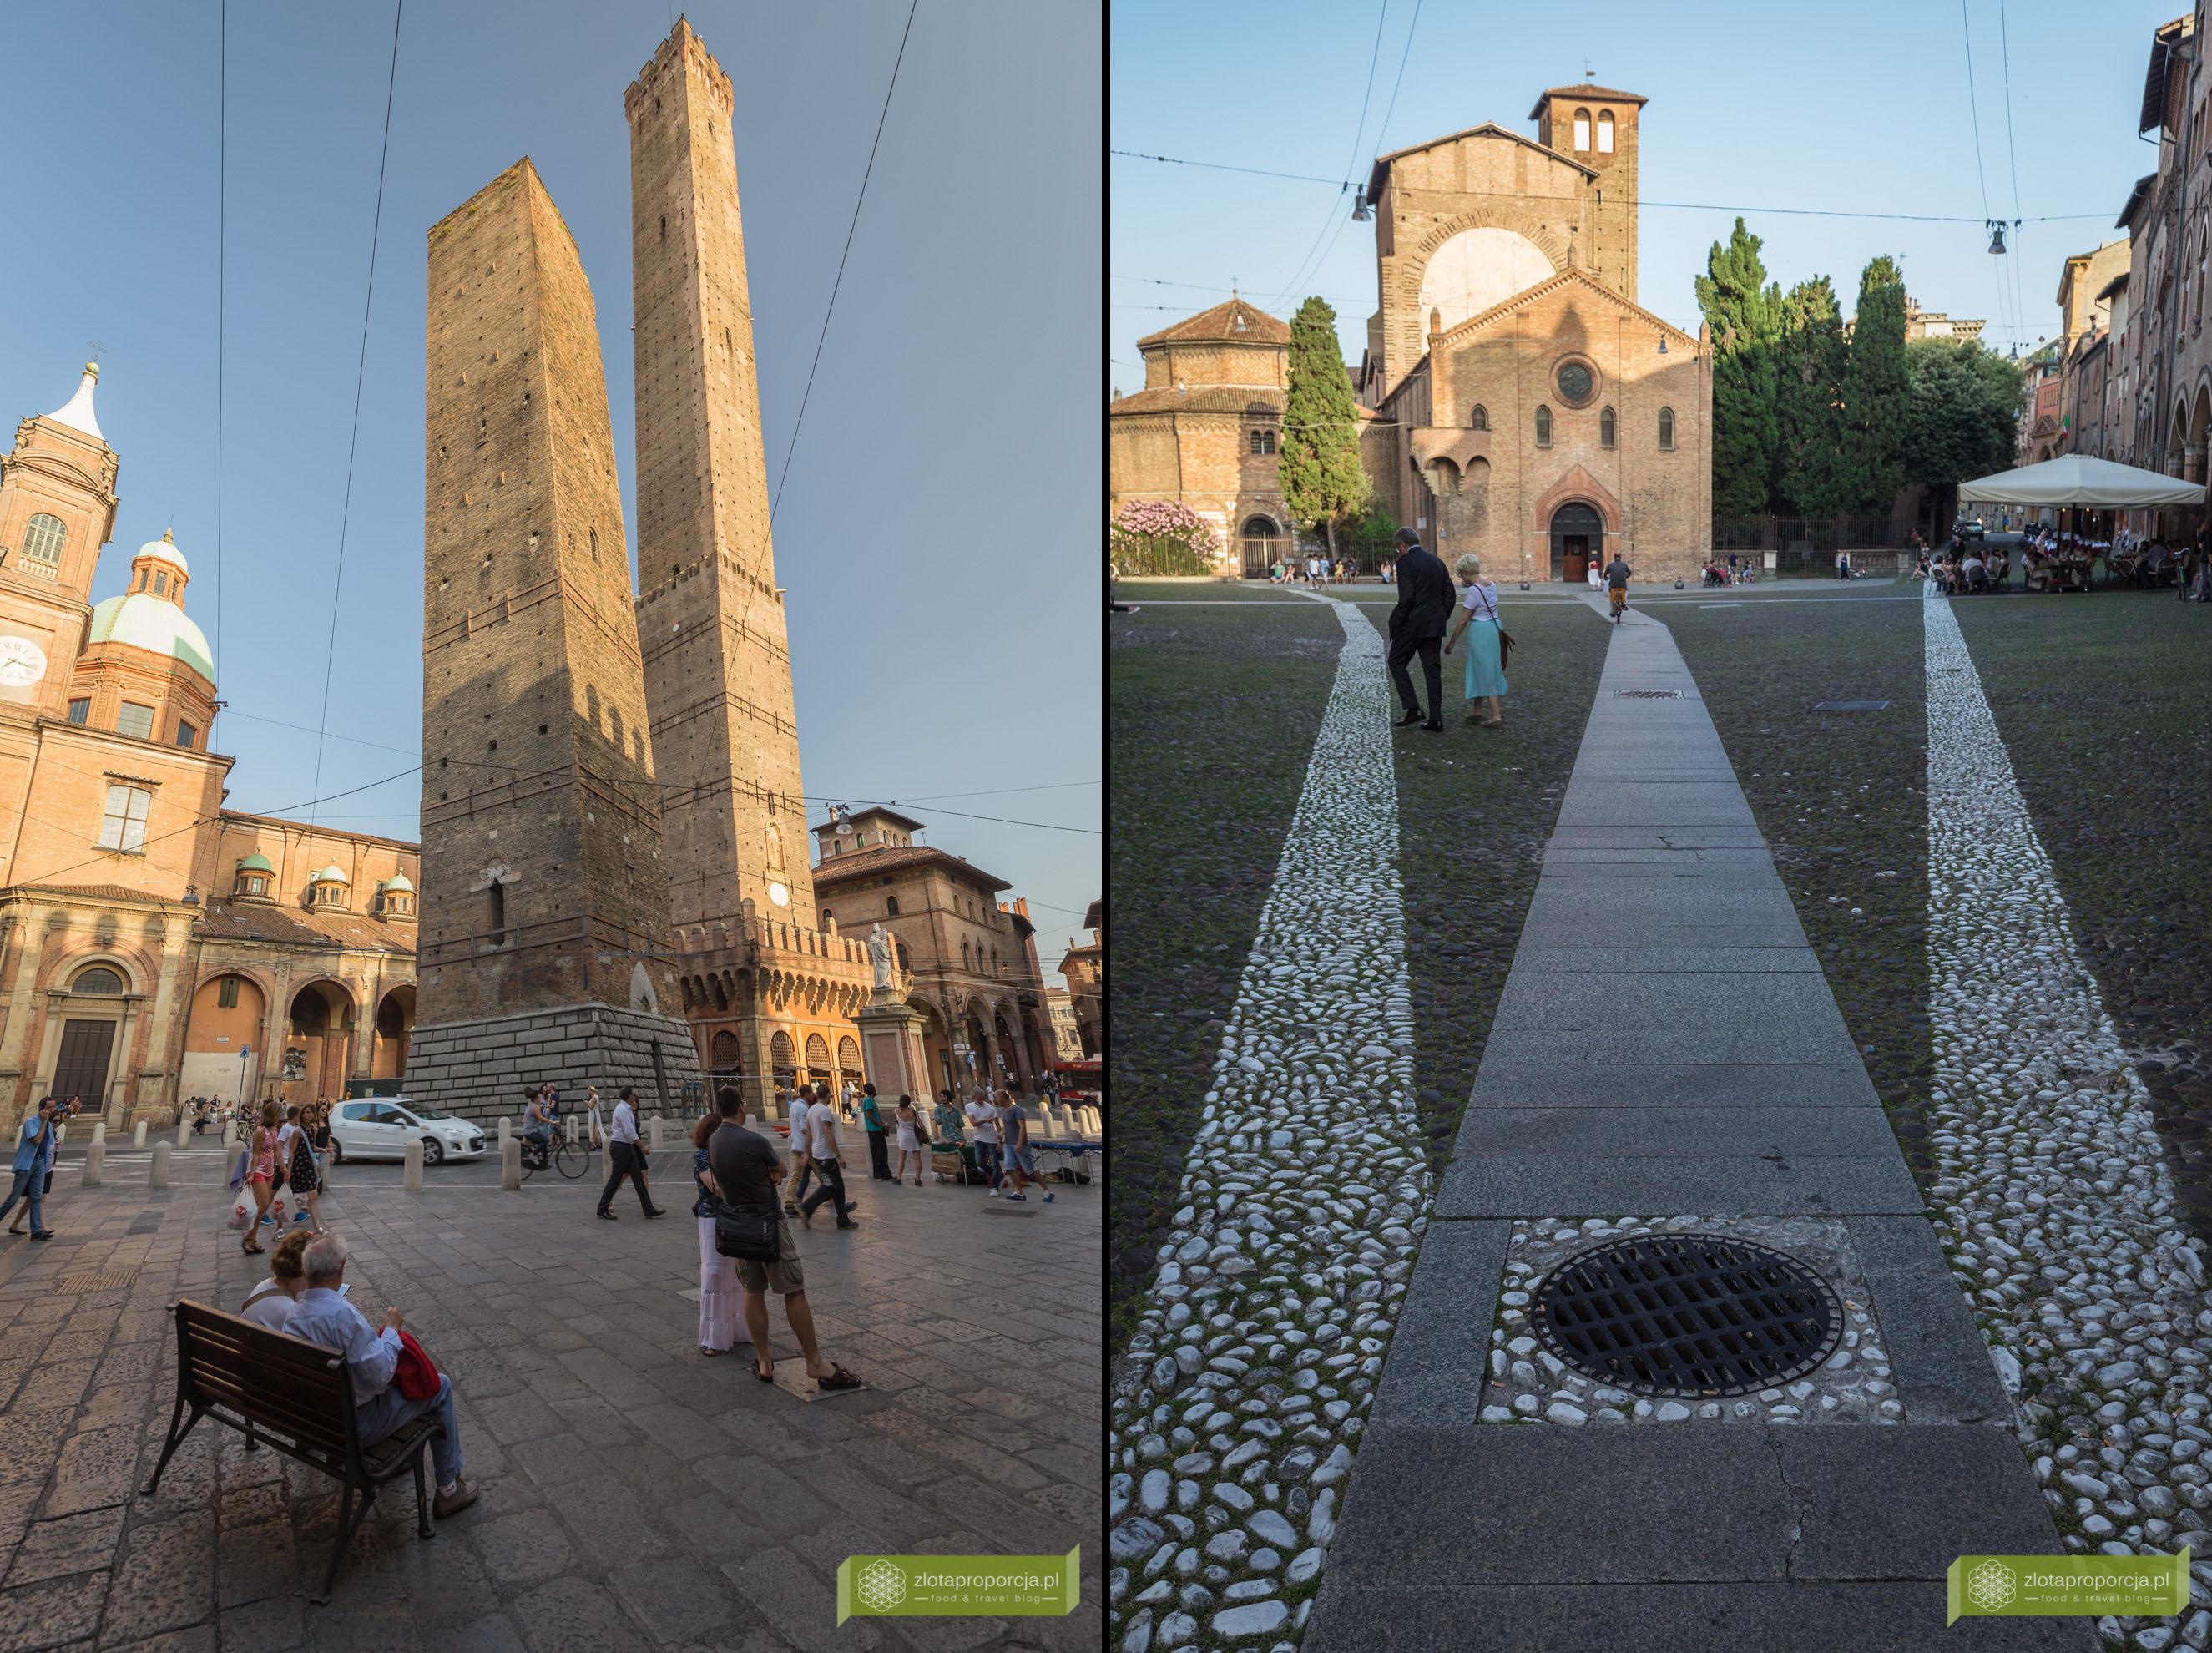 Bolonia, atrakcje Bolonii, zwiedzanie Bolonii, Due Torri, wieże w Bolonii, Emilia Romania, Santa Stefano